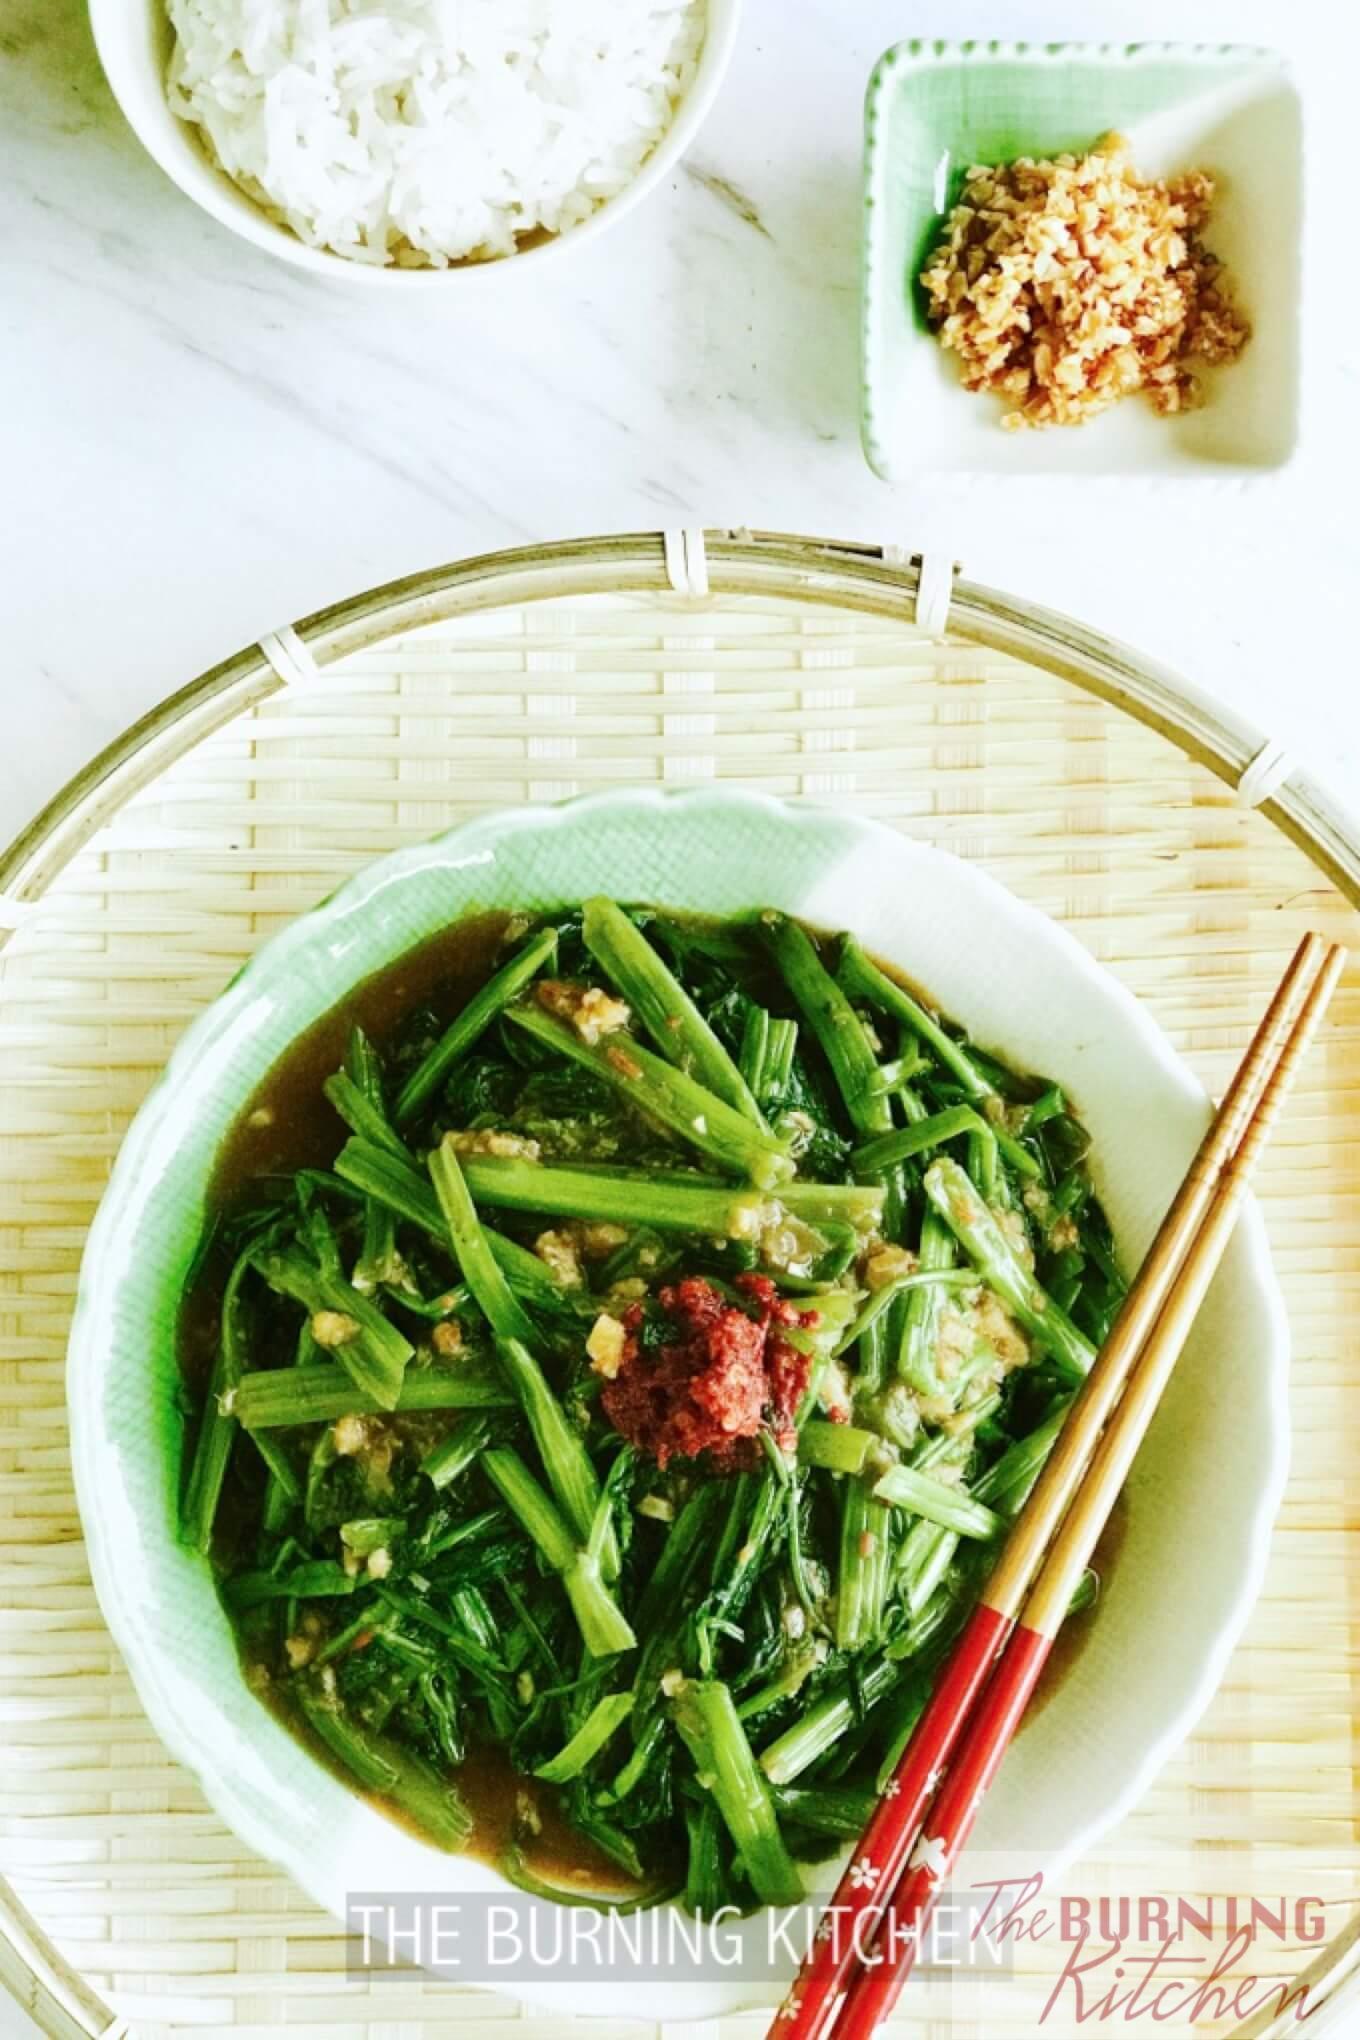 Spicy Water Spinach Sambal Kangkong 马来风光 The Burning Kitchen